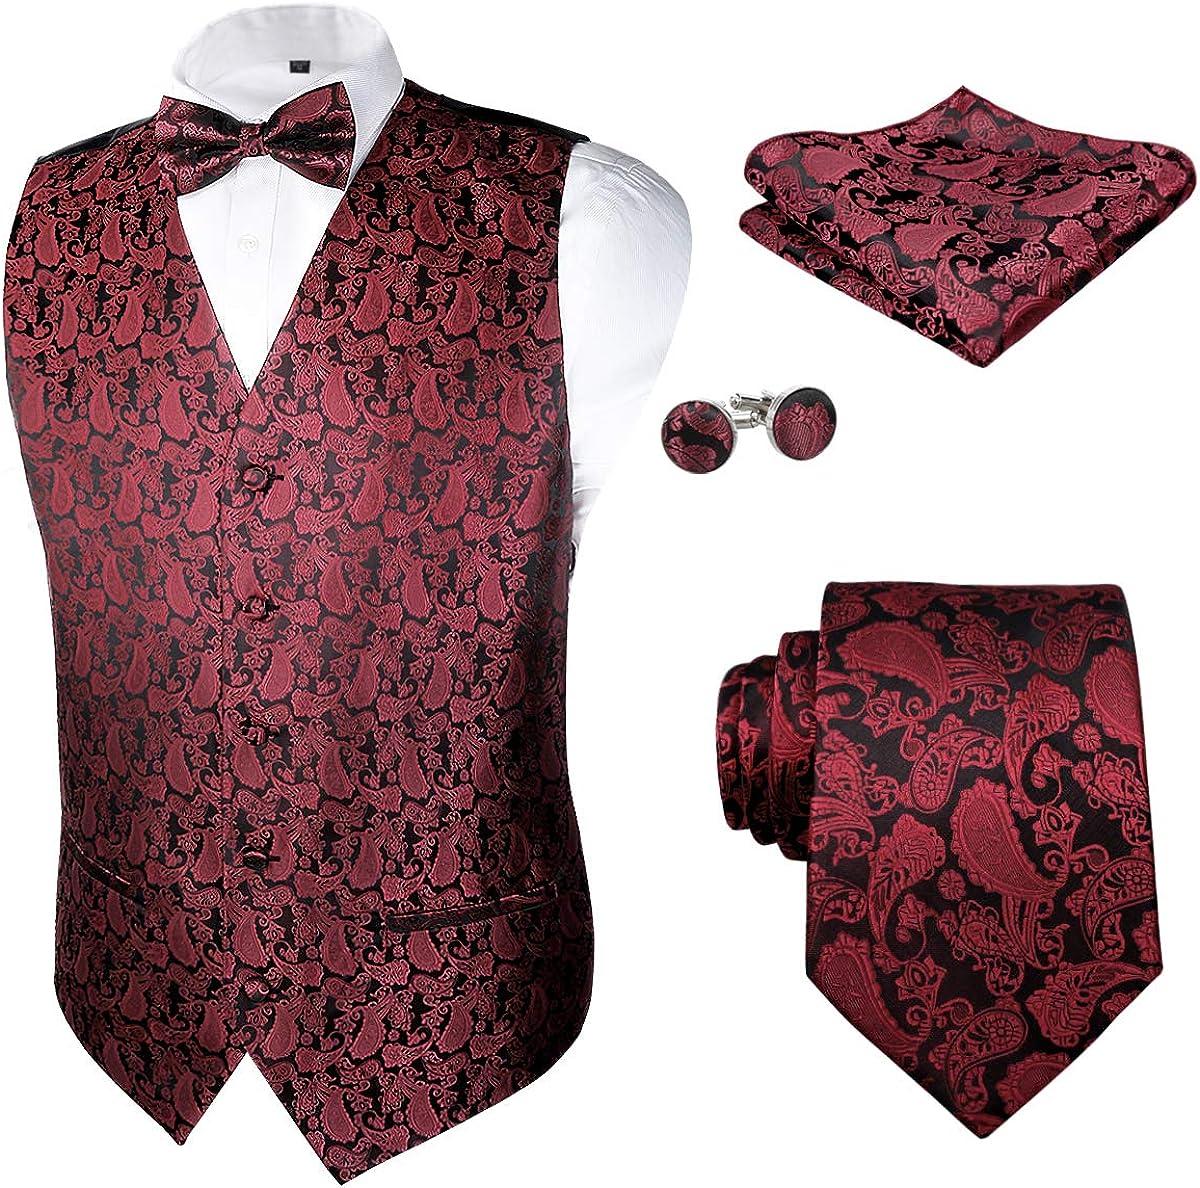 Alizeal Mens Classic 5 Sale Pcs Vest Jacquard Suit Set Paisley Max 59% OFF